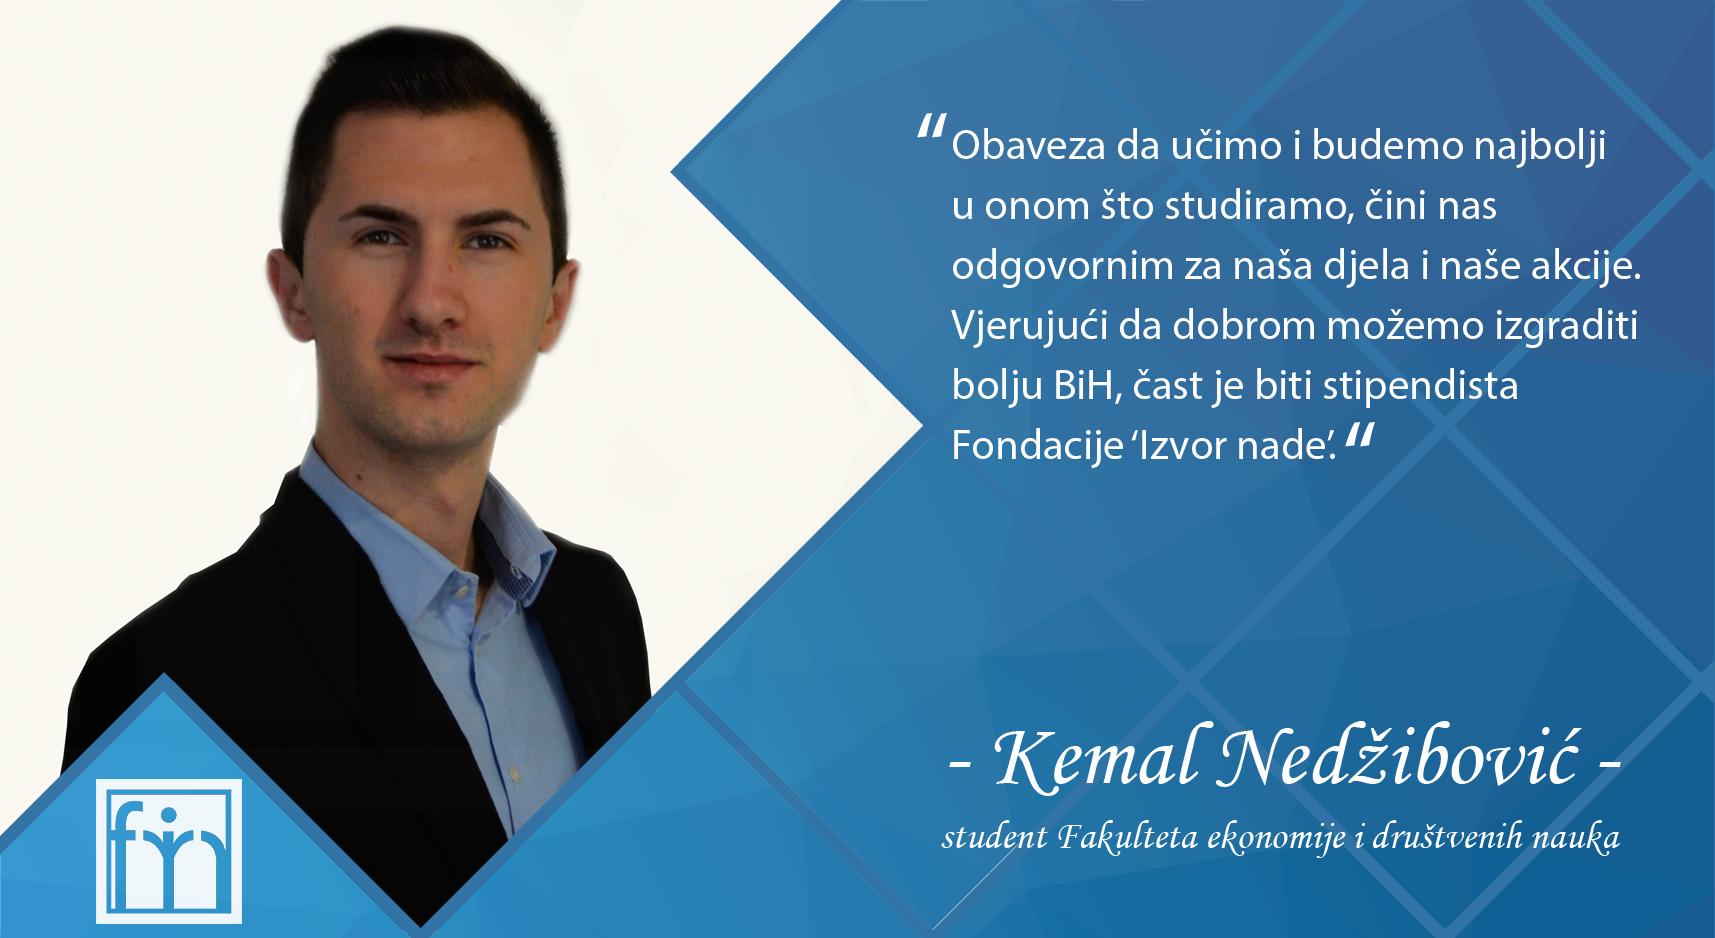 Kemal_Nedzibovic_Izvor_nade